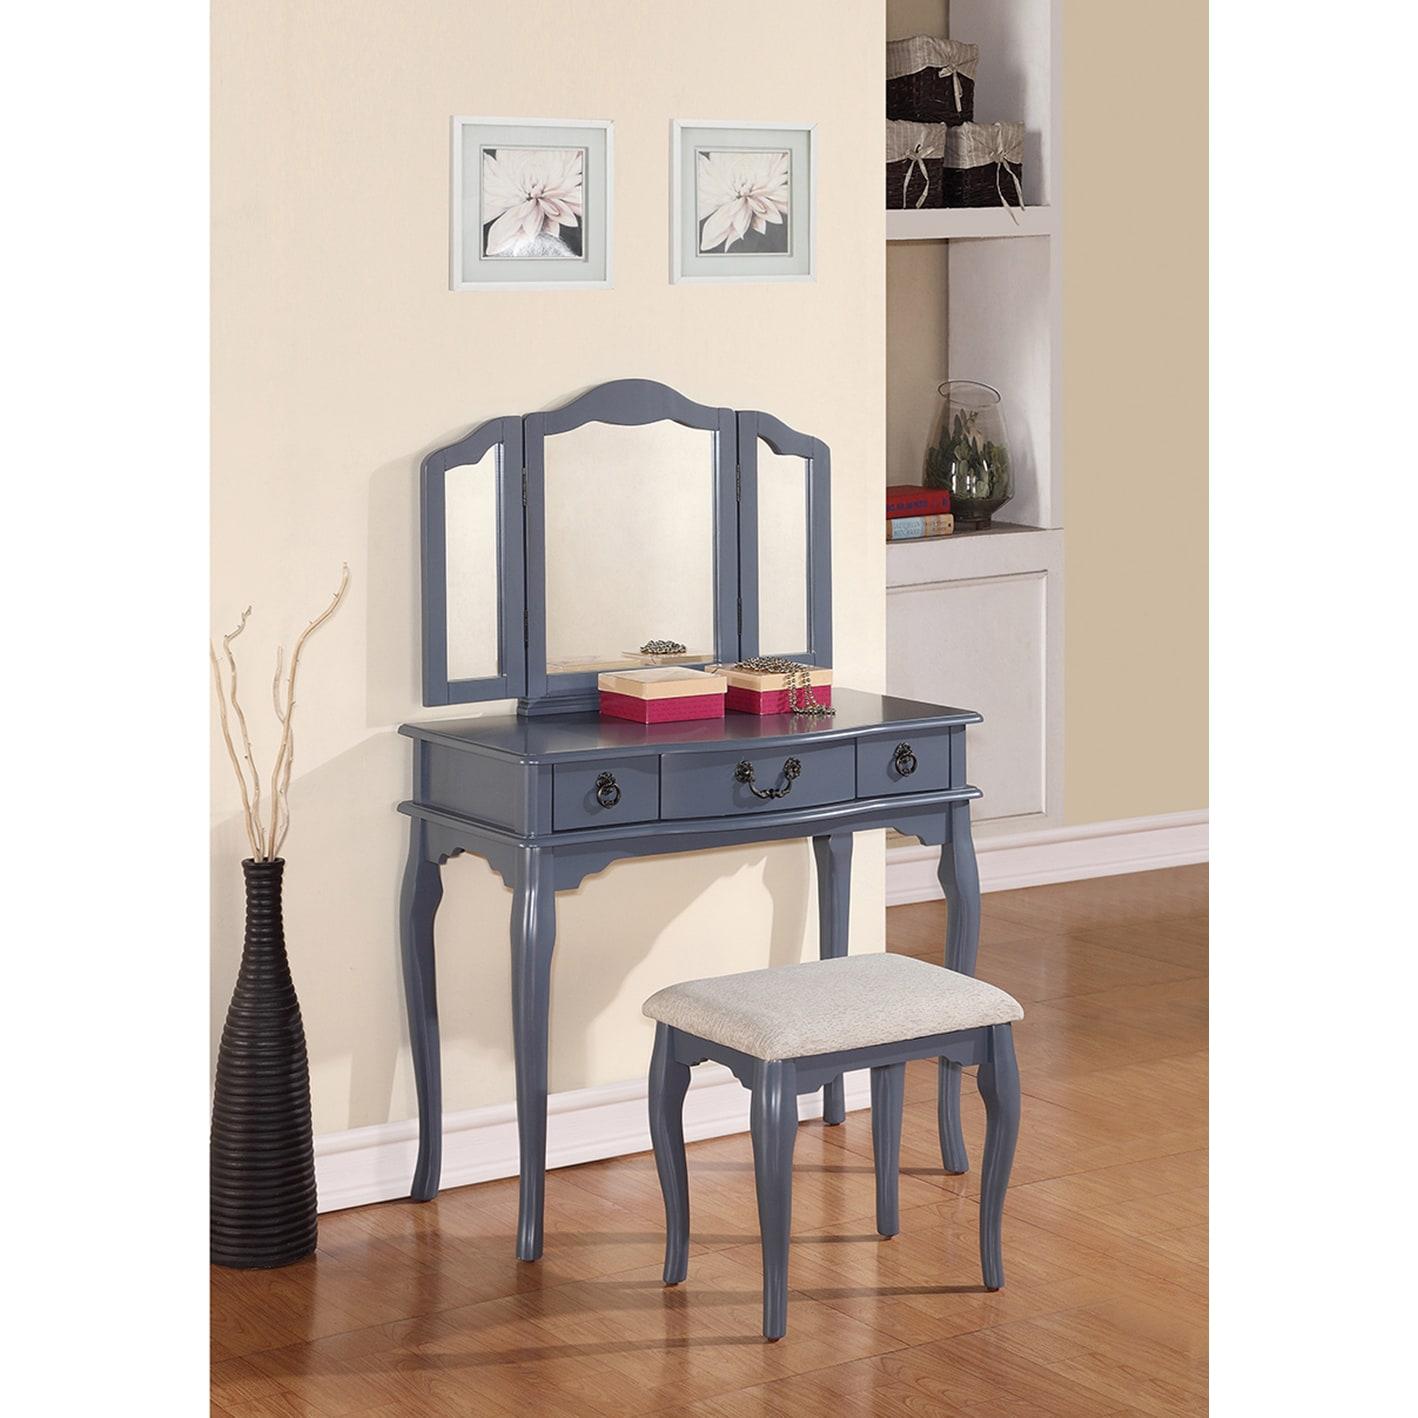 Poundex Bobkona Susana Tri-fold Mirror Vanity Table and S...